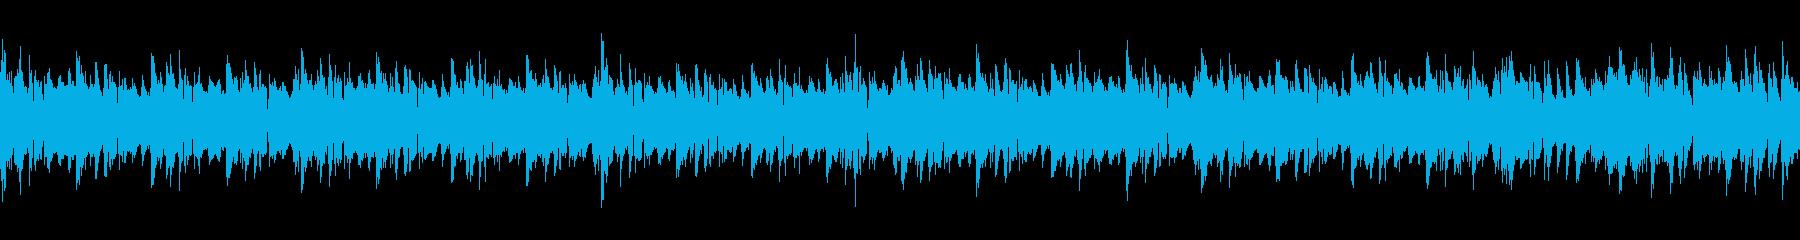 ジャズテイストで大人的、都会的[ループ]の再生済みの波形